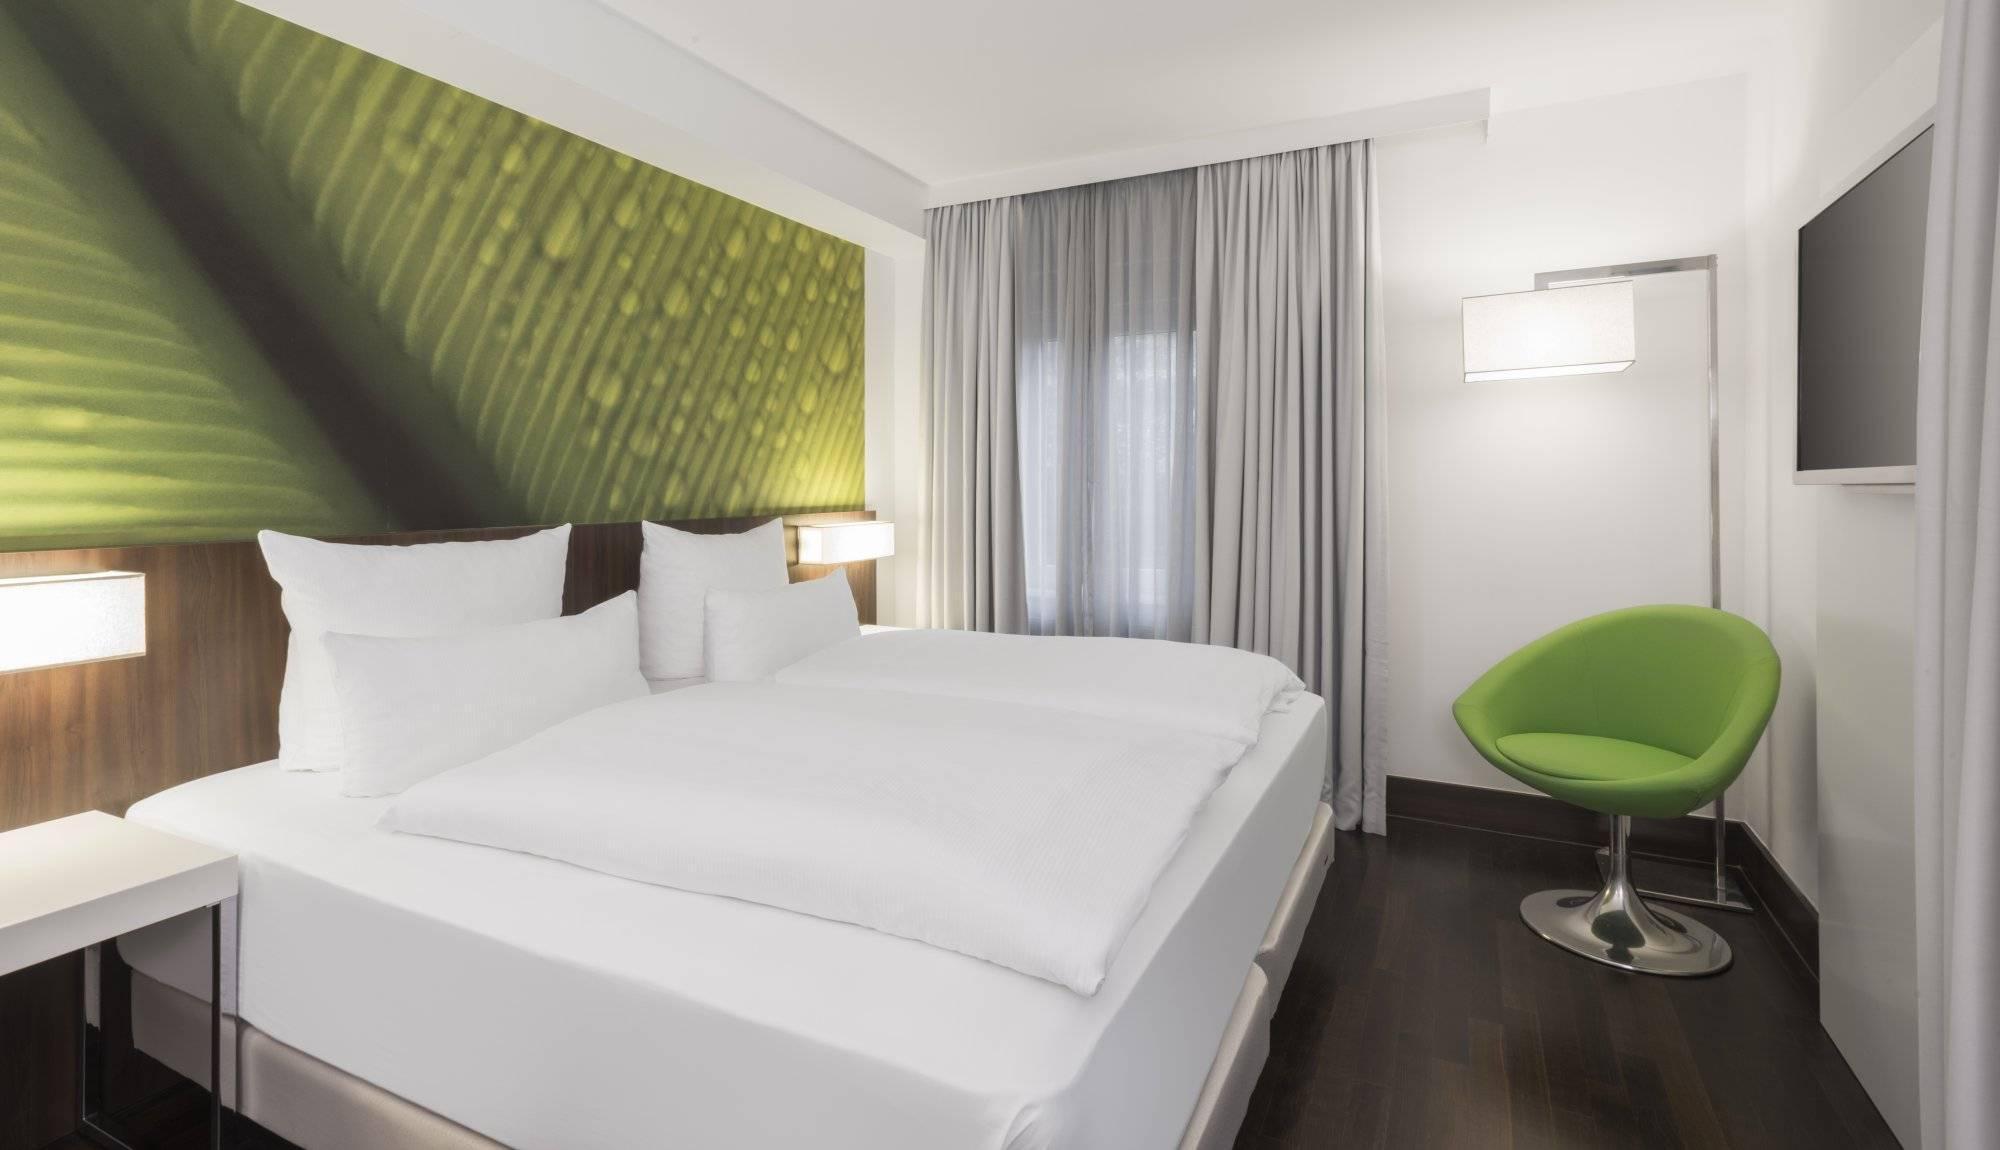 Nh Hotel Villa Frankfurt